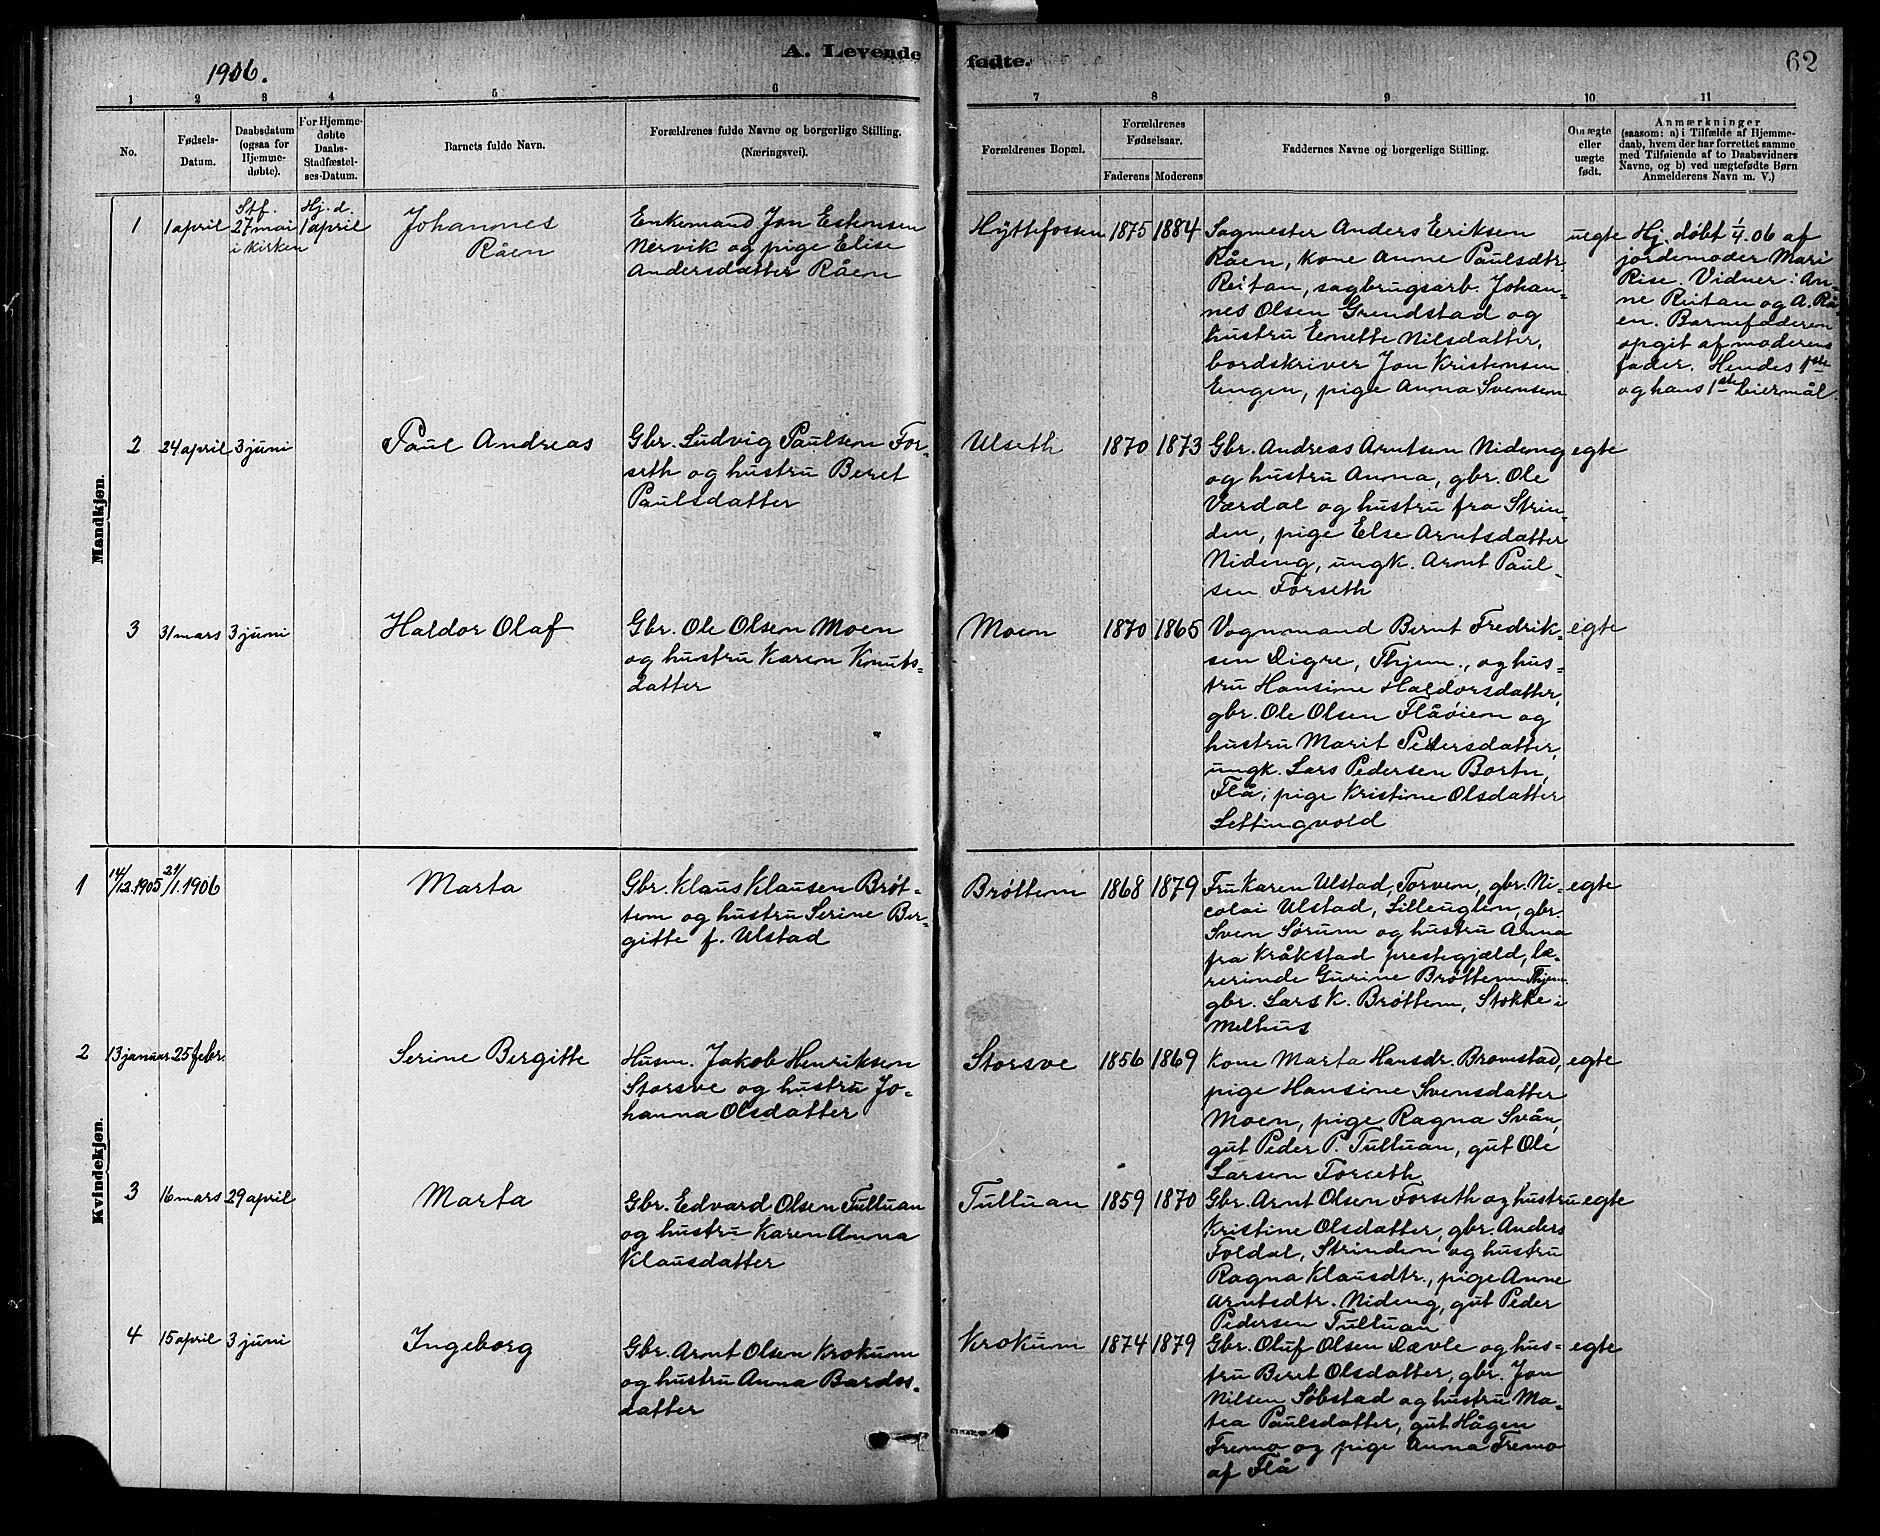 SAT, Ministerialprotokoller, klokkerbøker og fødselsregistre - Sør-Trøndelag, 618/L0452: Klokkerbok nr. 618C03, 1884-1906, s. 62